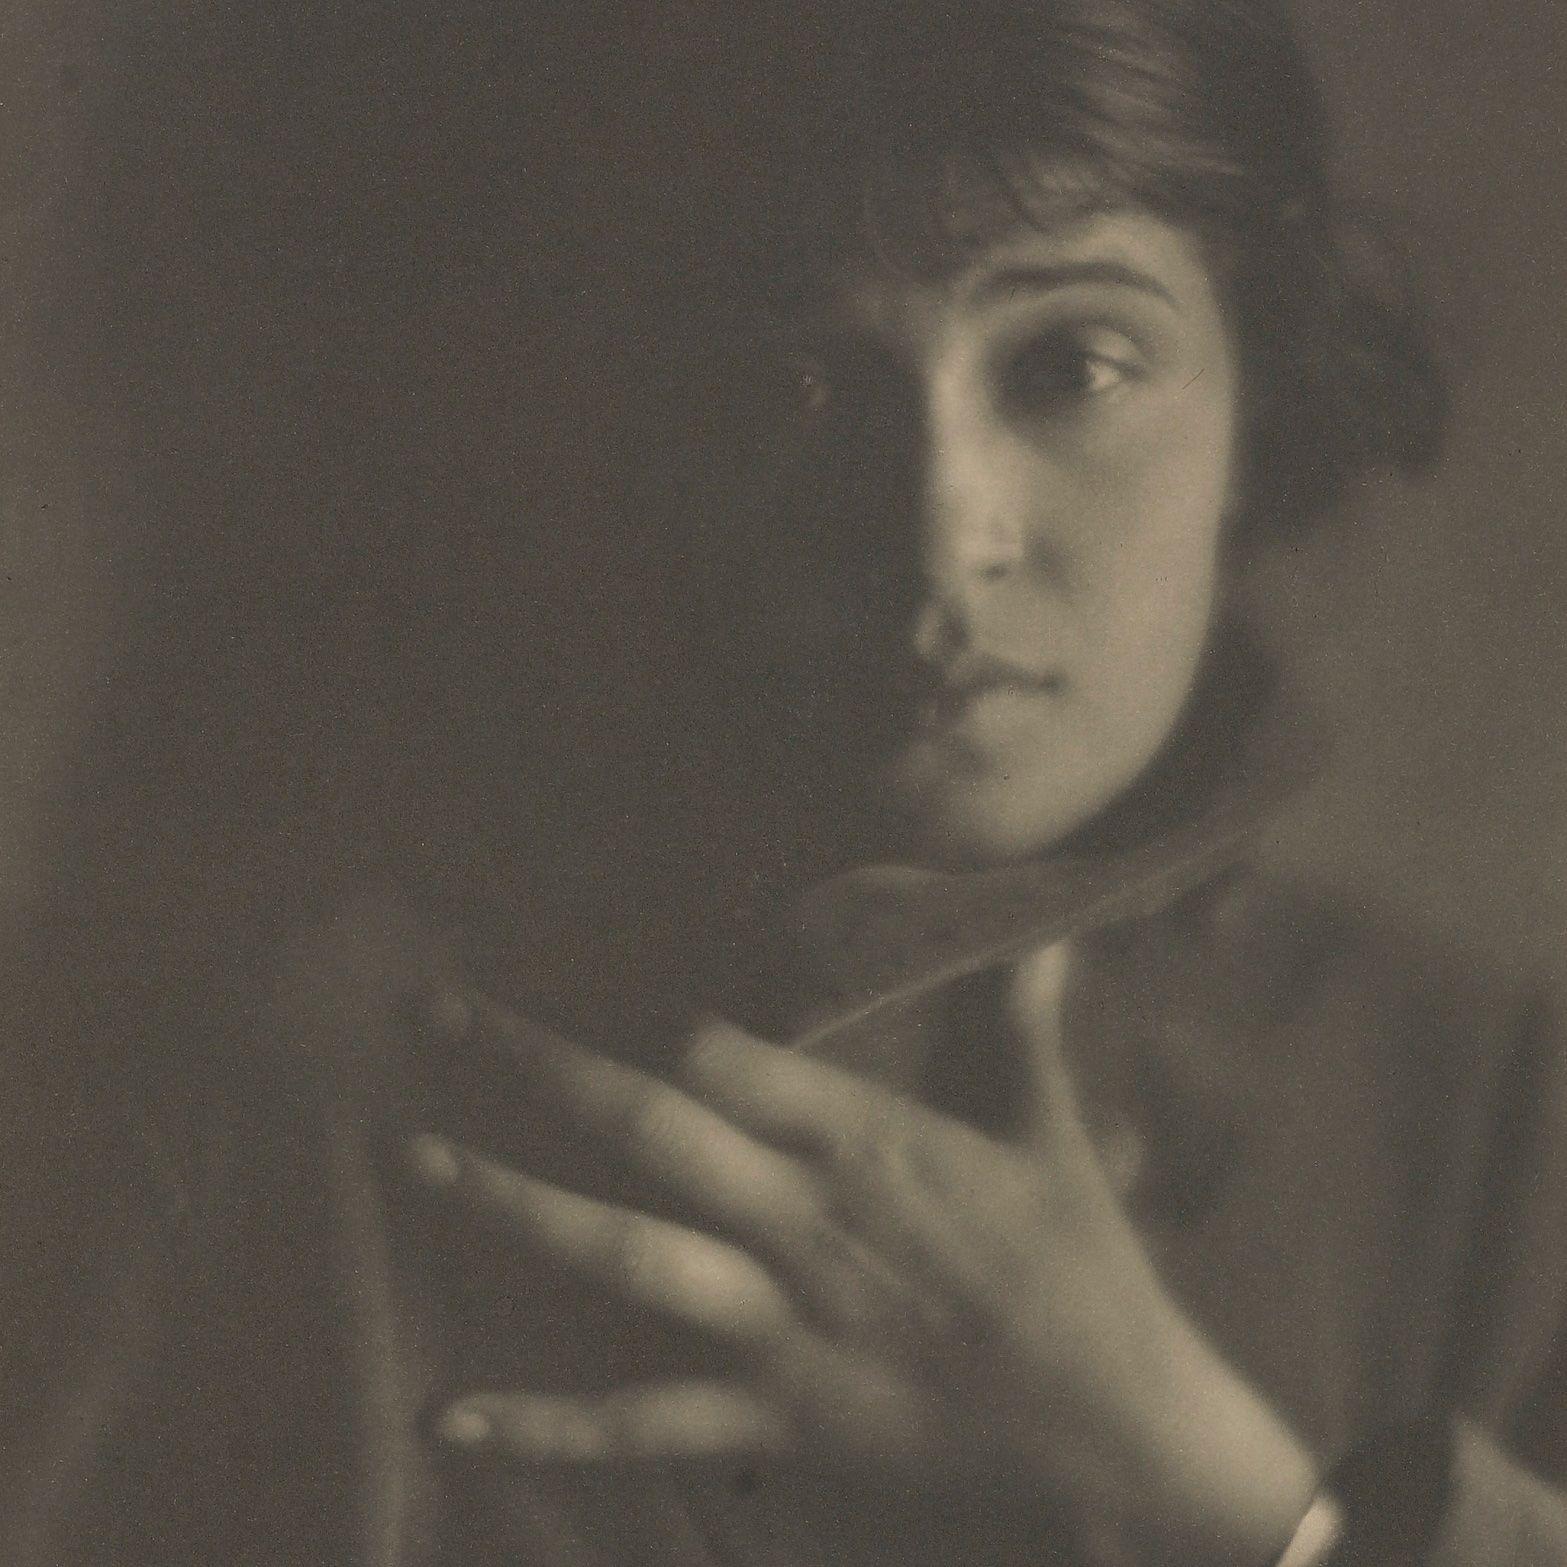 Tina Modotti, by Edward Weston